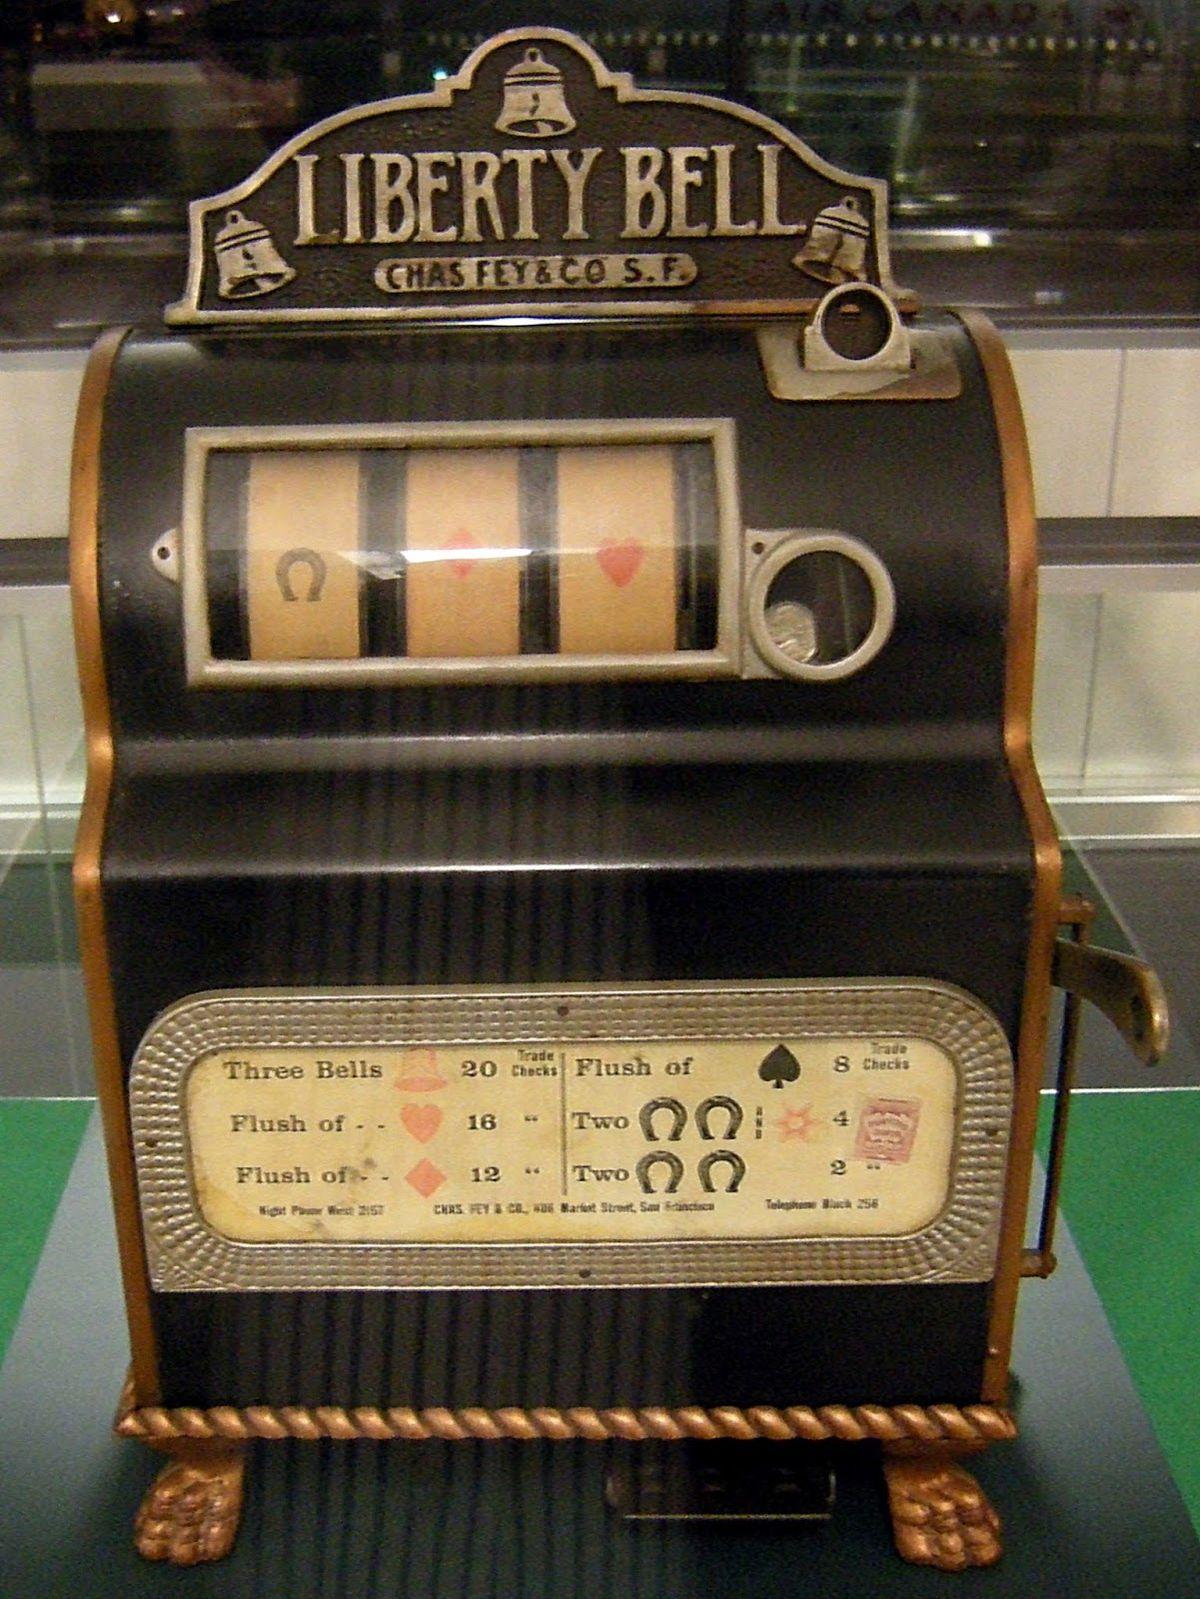 Malgré son aspect simple, la machine à sous est la reine absolue des jeux de casino. Quelle est son histoire et pourquoi est-elle la machine à fric parfaite ?